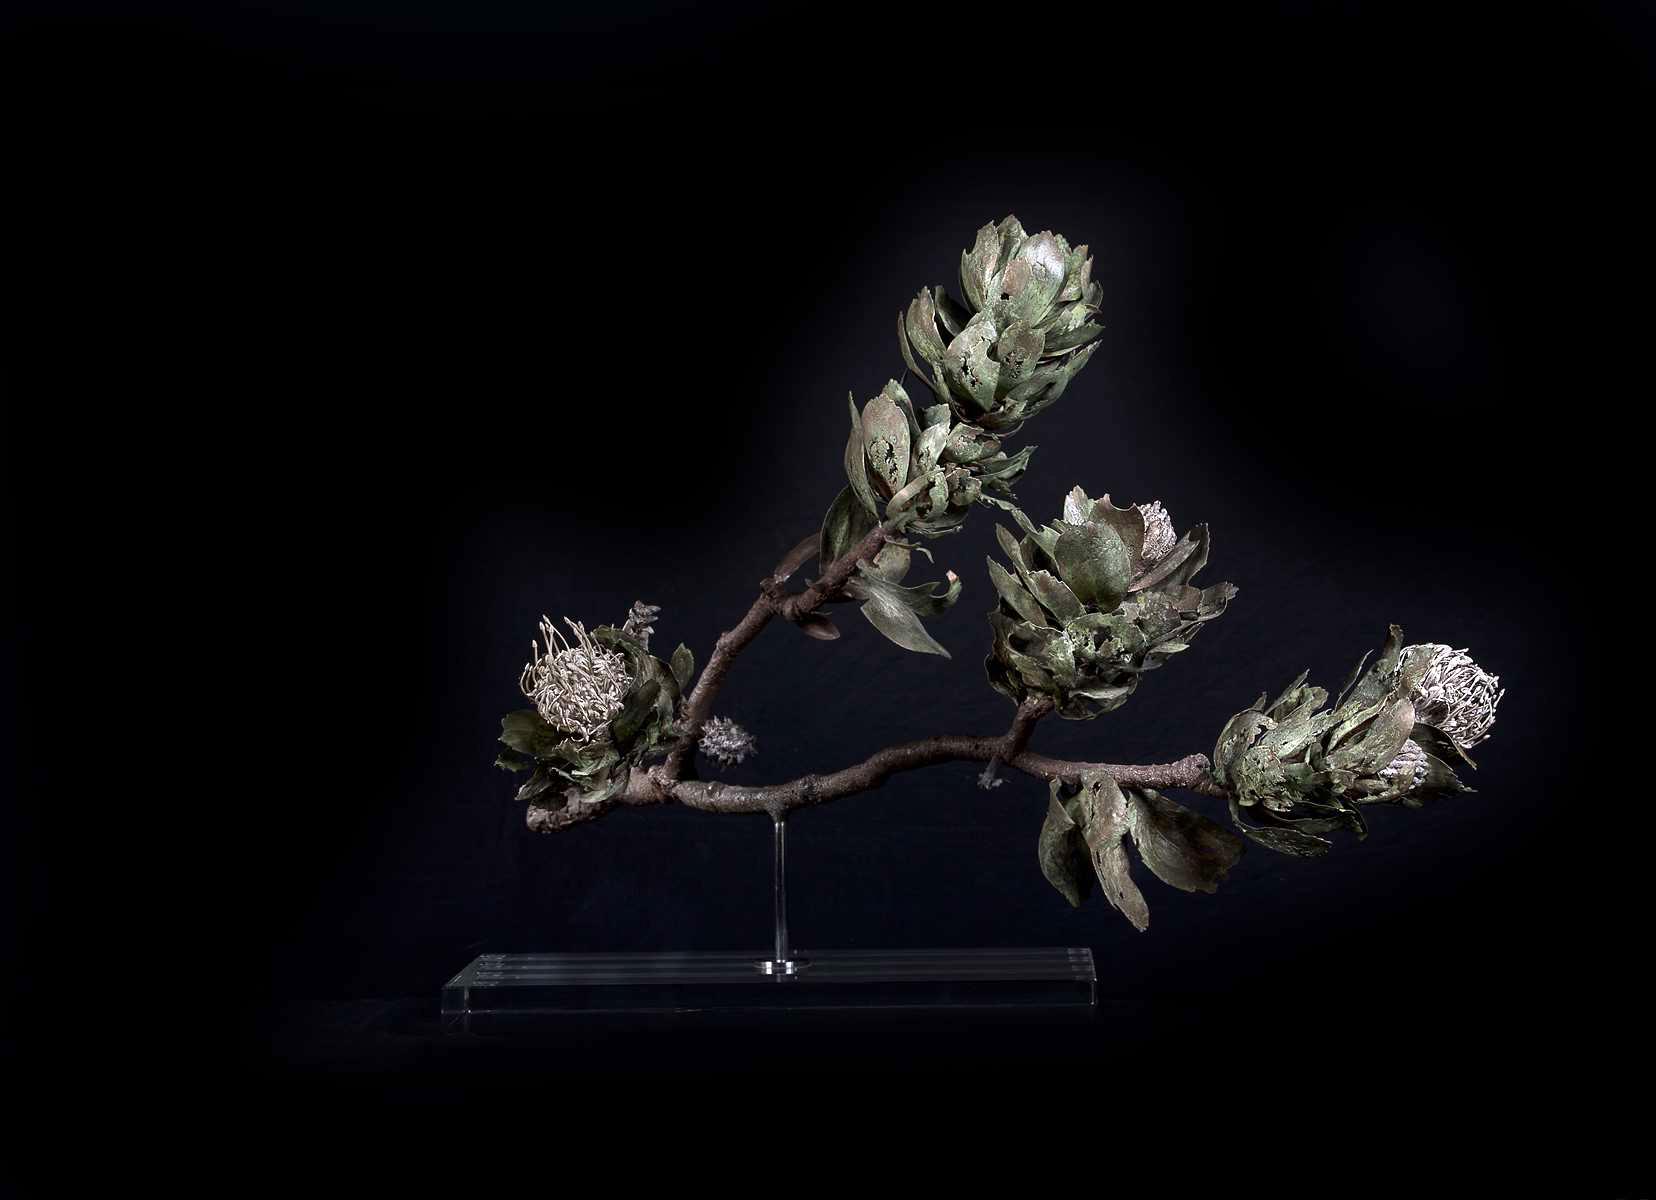 <i>Leucospermum conocarpodendron</i>